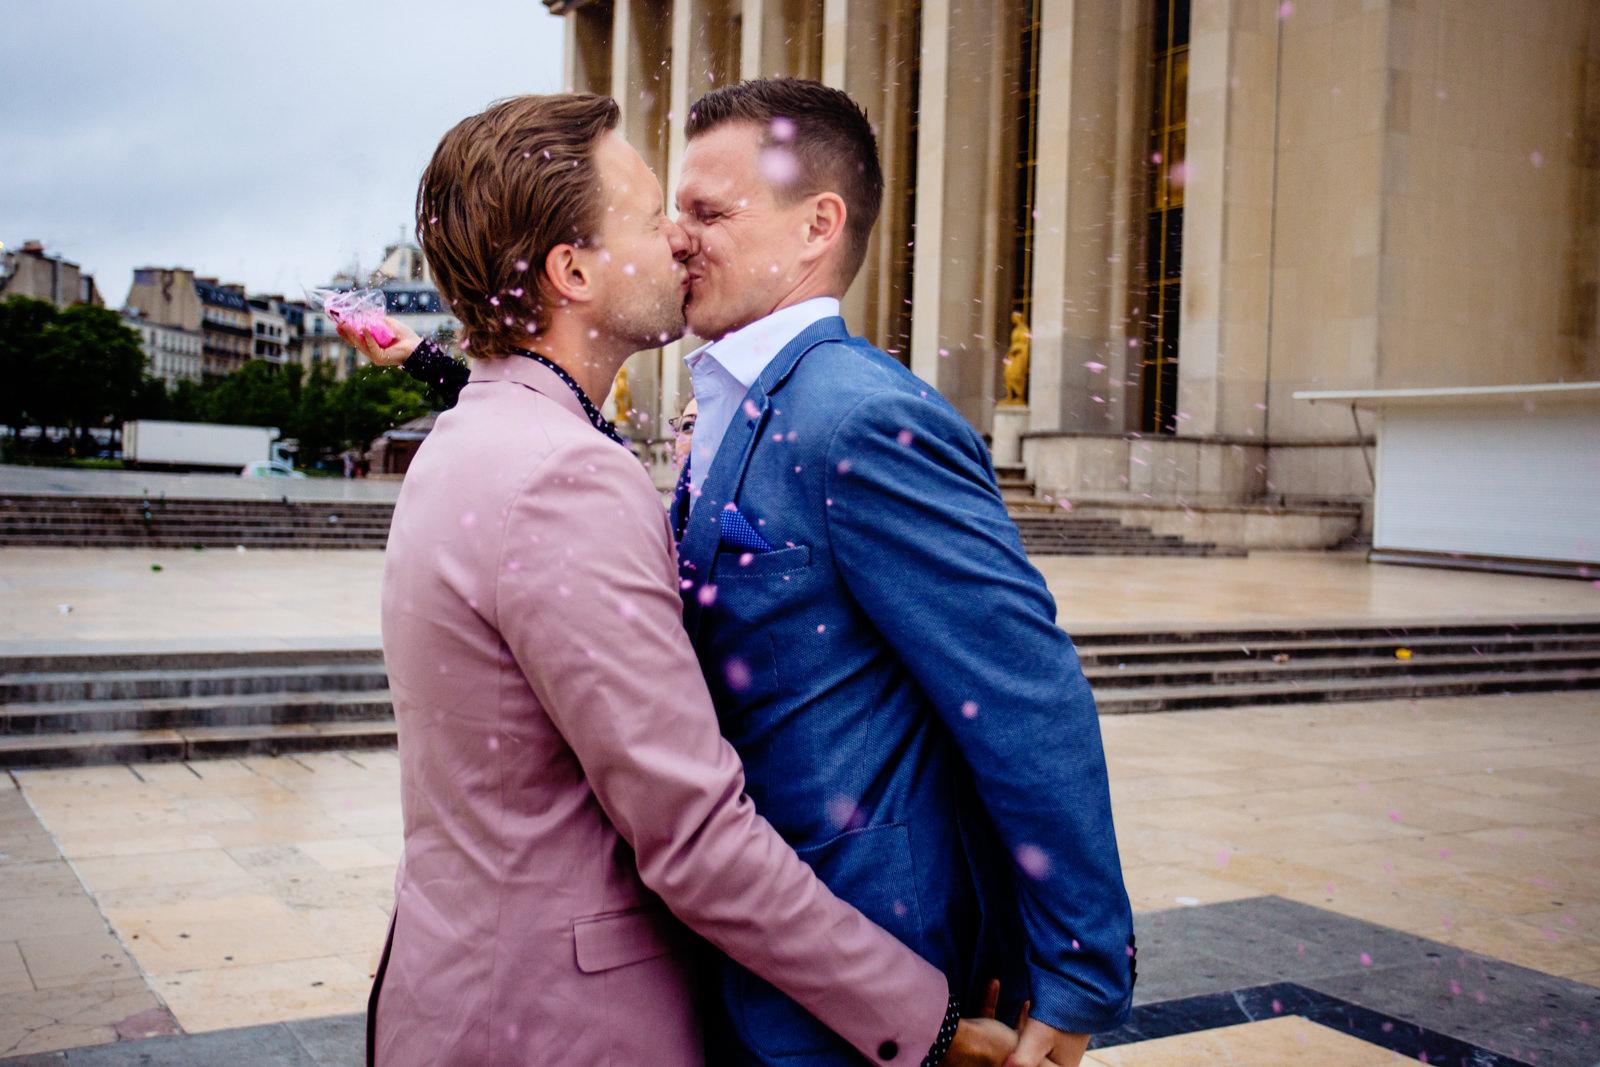 Auszug des Brautpaares bei freier Trauung von Trautante Friederike Delong auf einer Hochzeit am Eiffelturm in Paris fotografiert von Hochzeitsfotograf Steven Herrschaft aus Wiesbaden